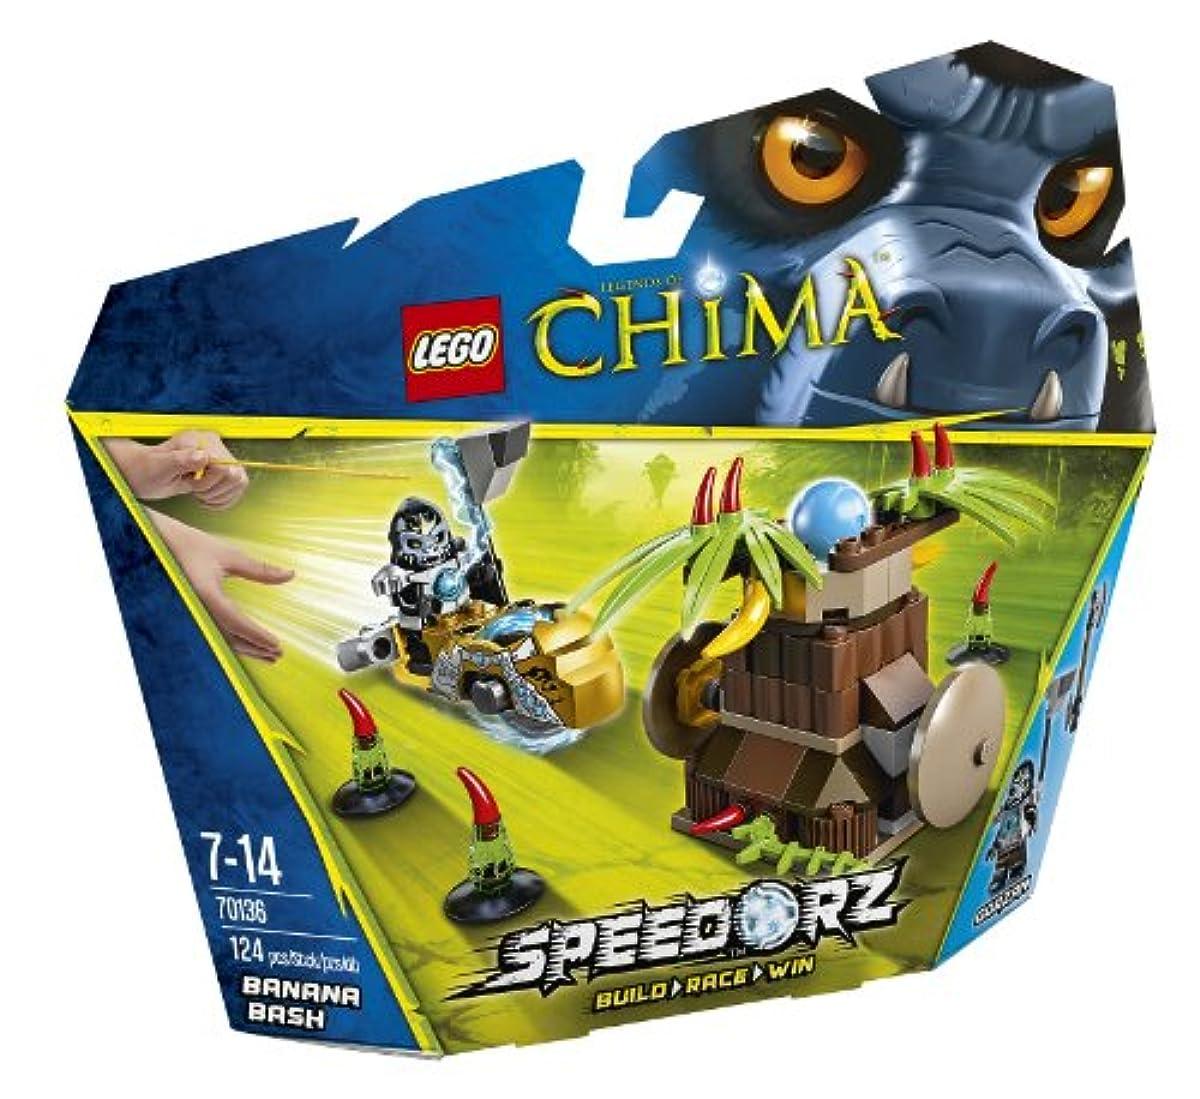 [해외] 레고 (LEGO) 찌마 버너나농구화 70136 (2014-03-07)